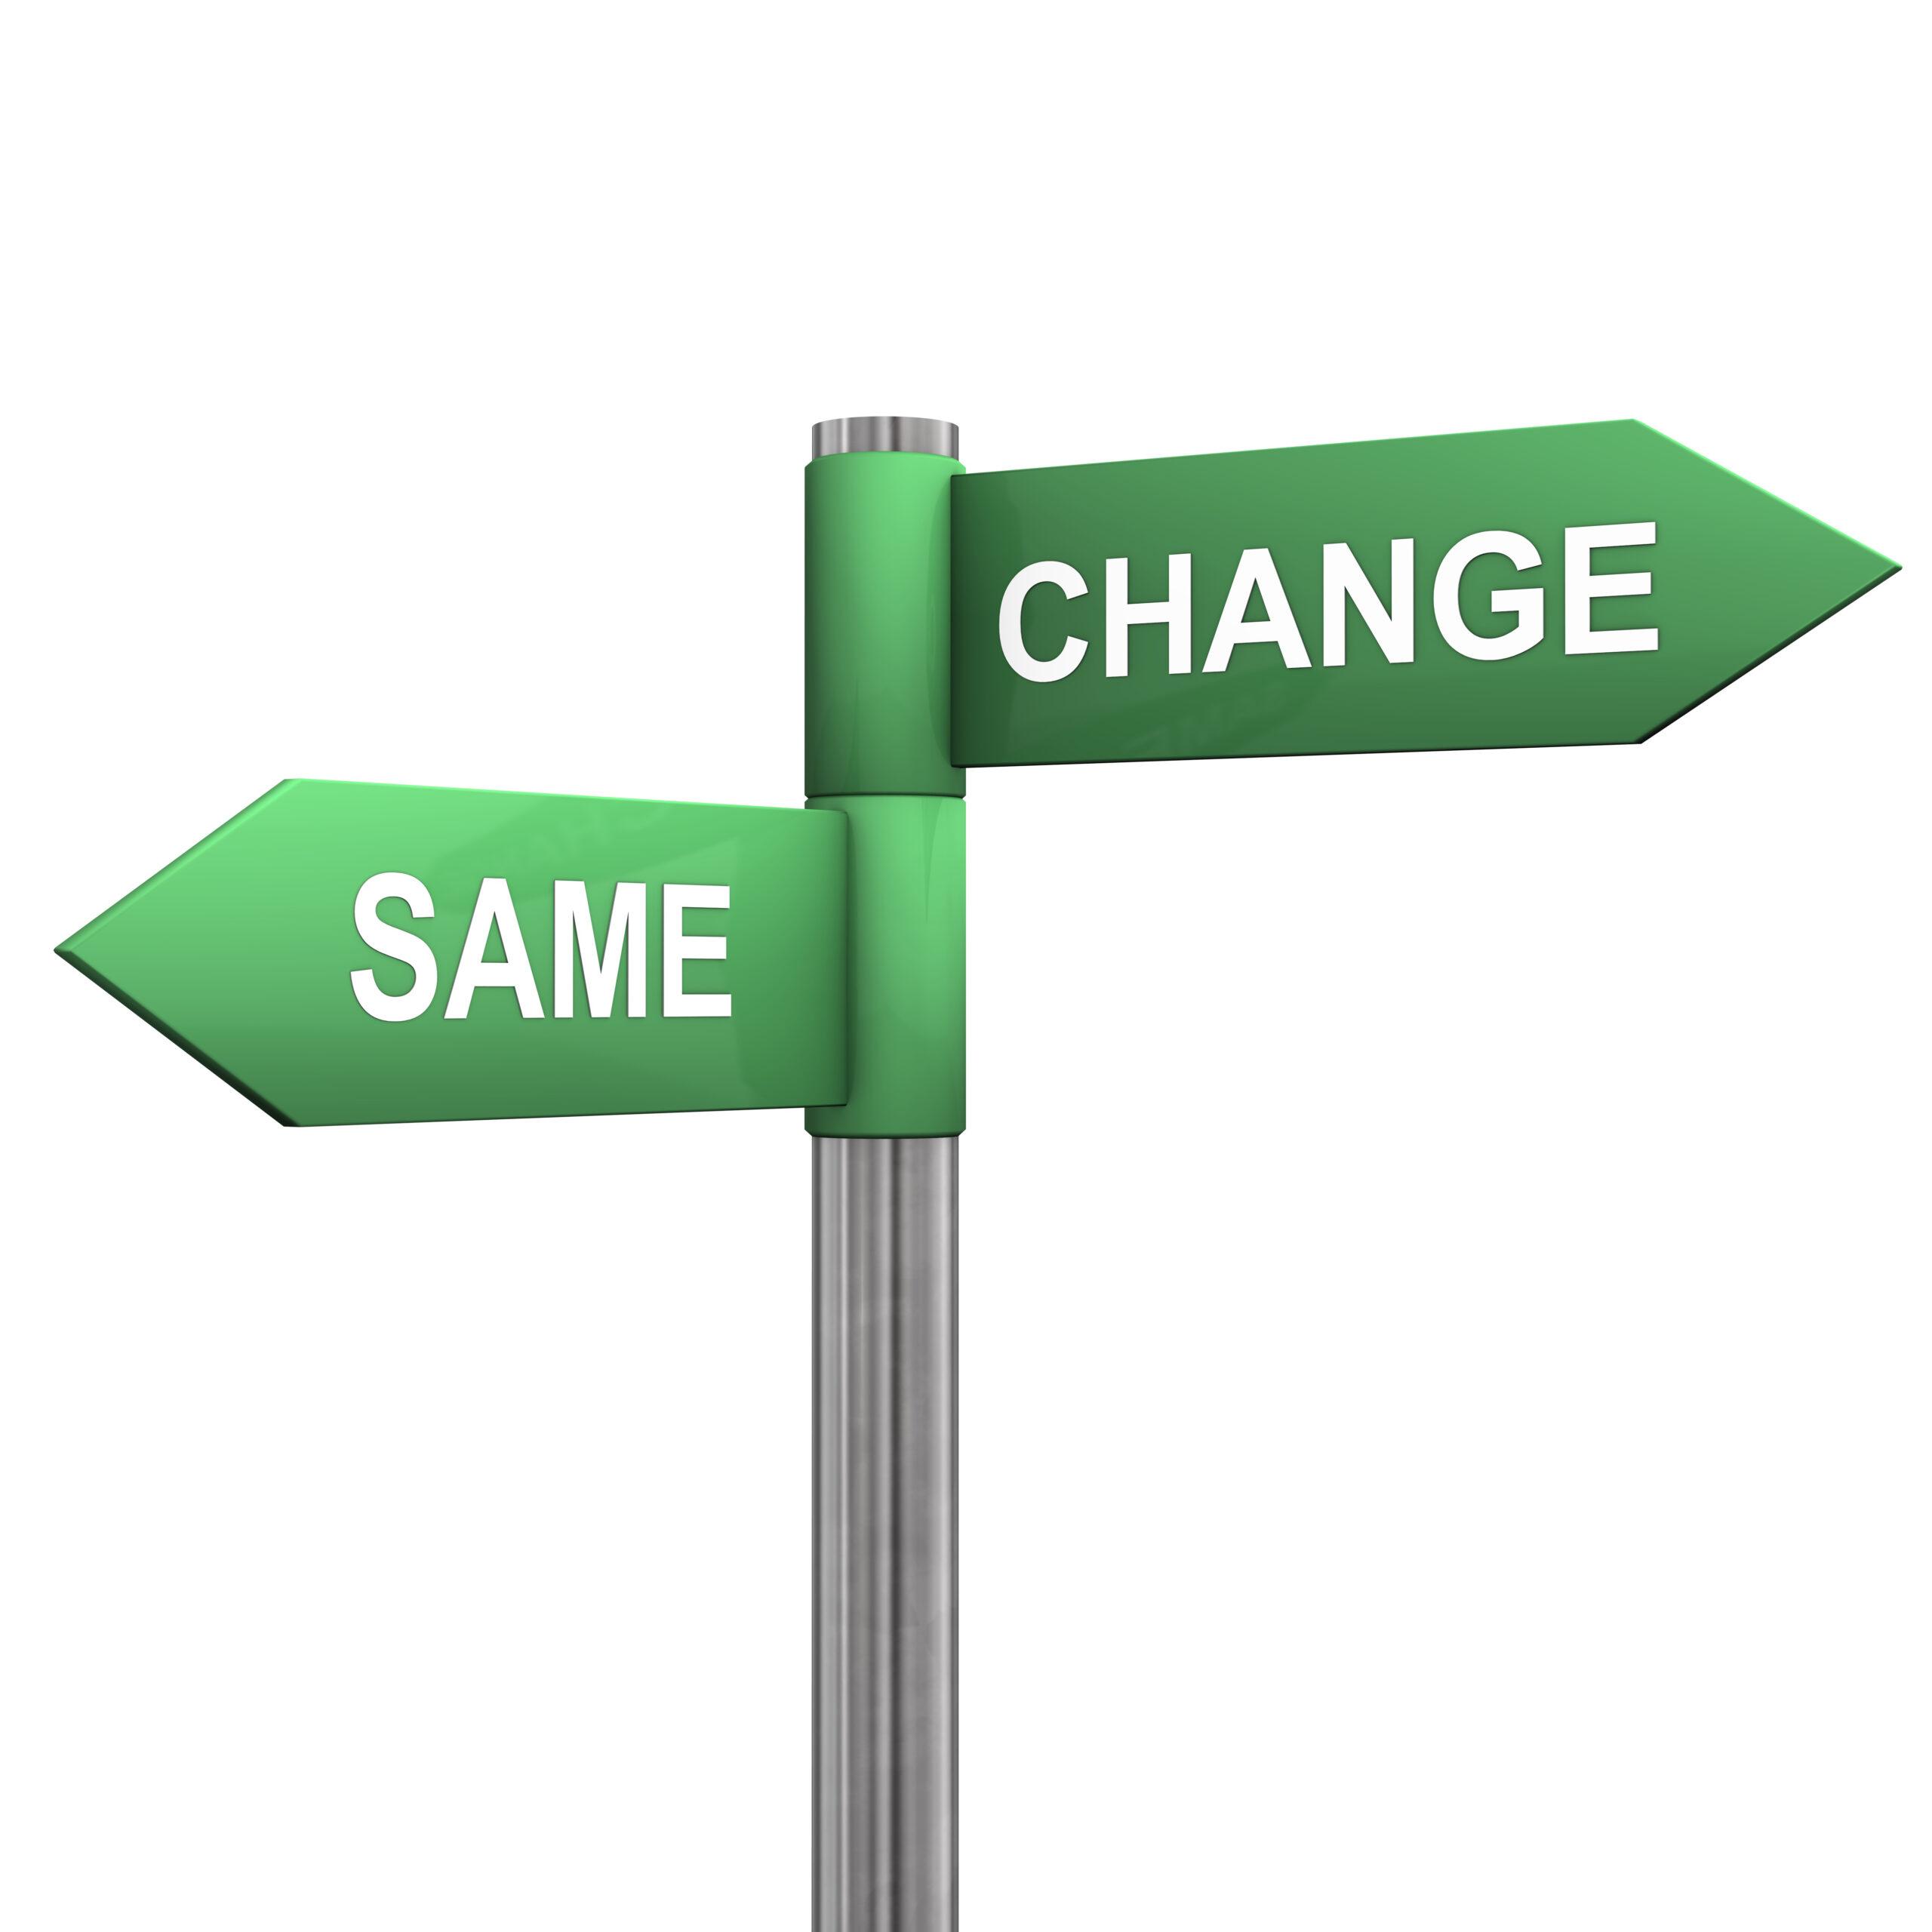 Change Same